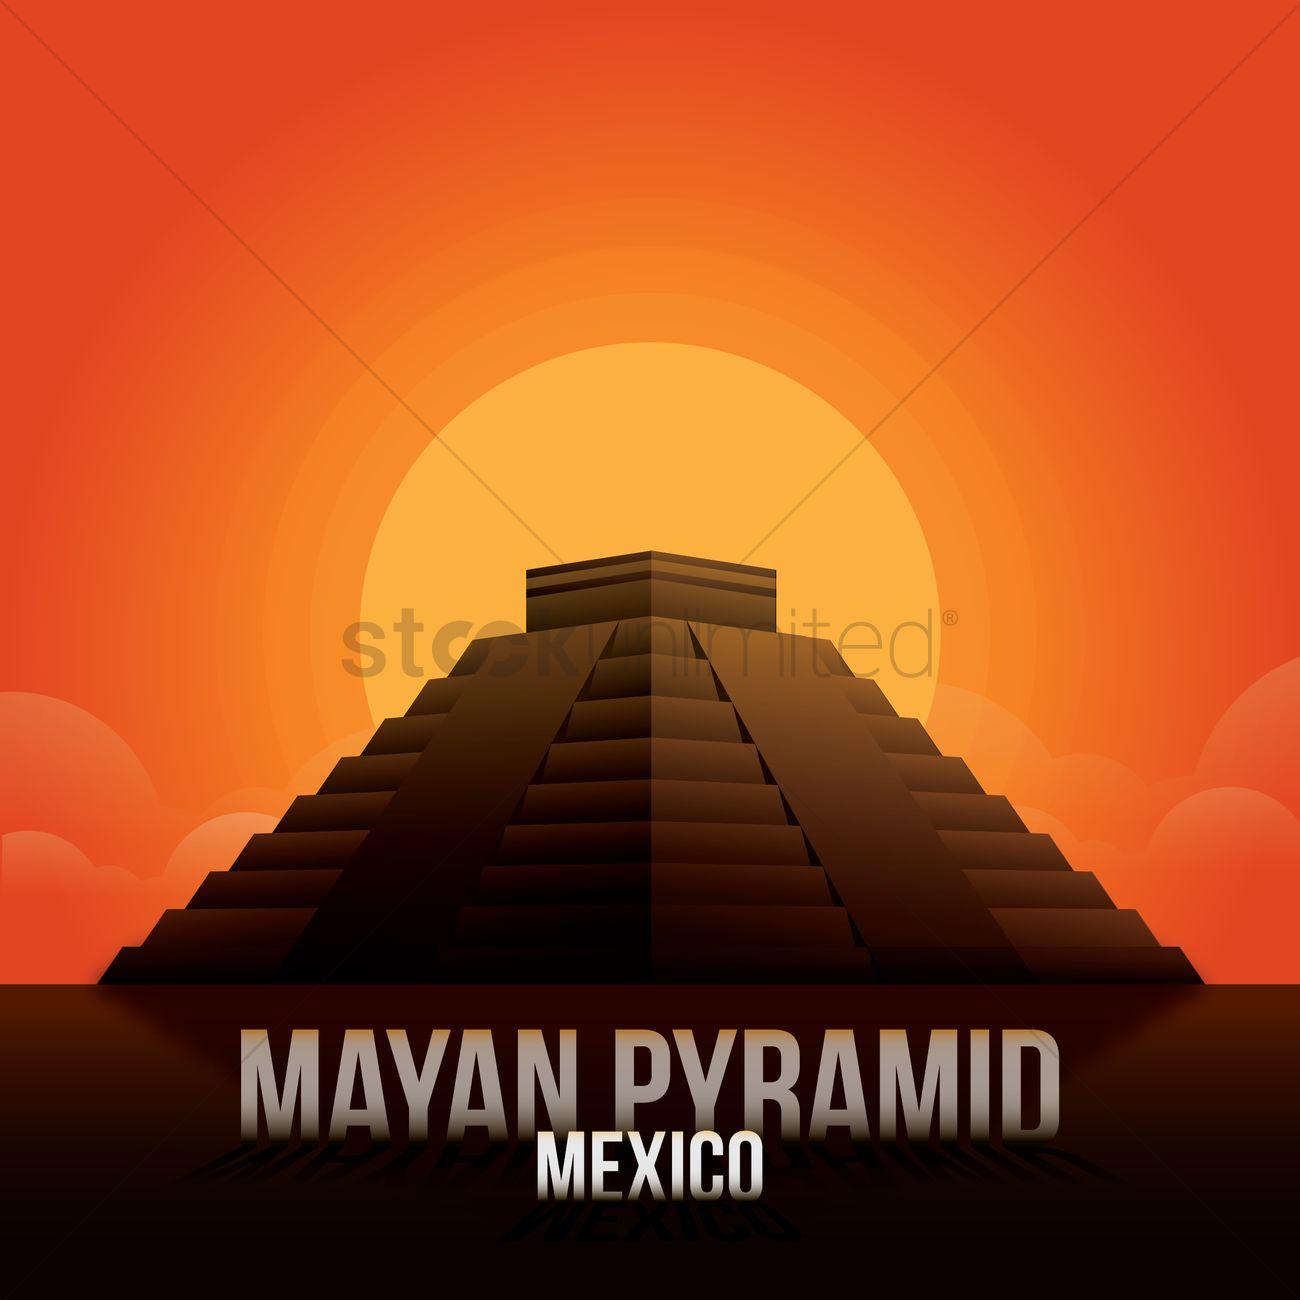 Mayan Pyramid Wallpaper Vector Graphic